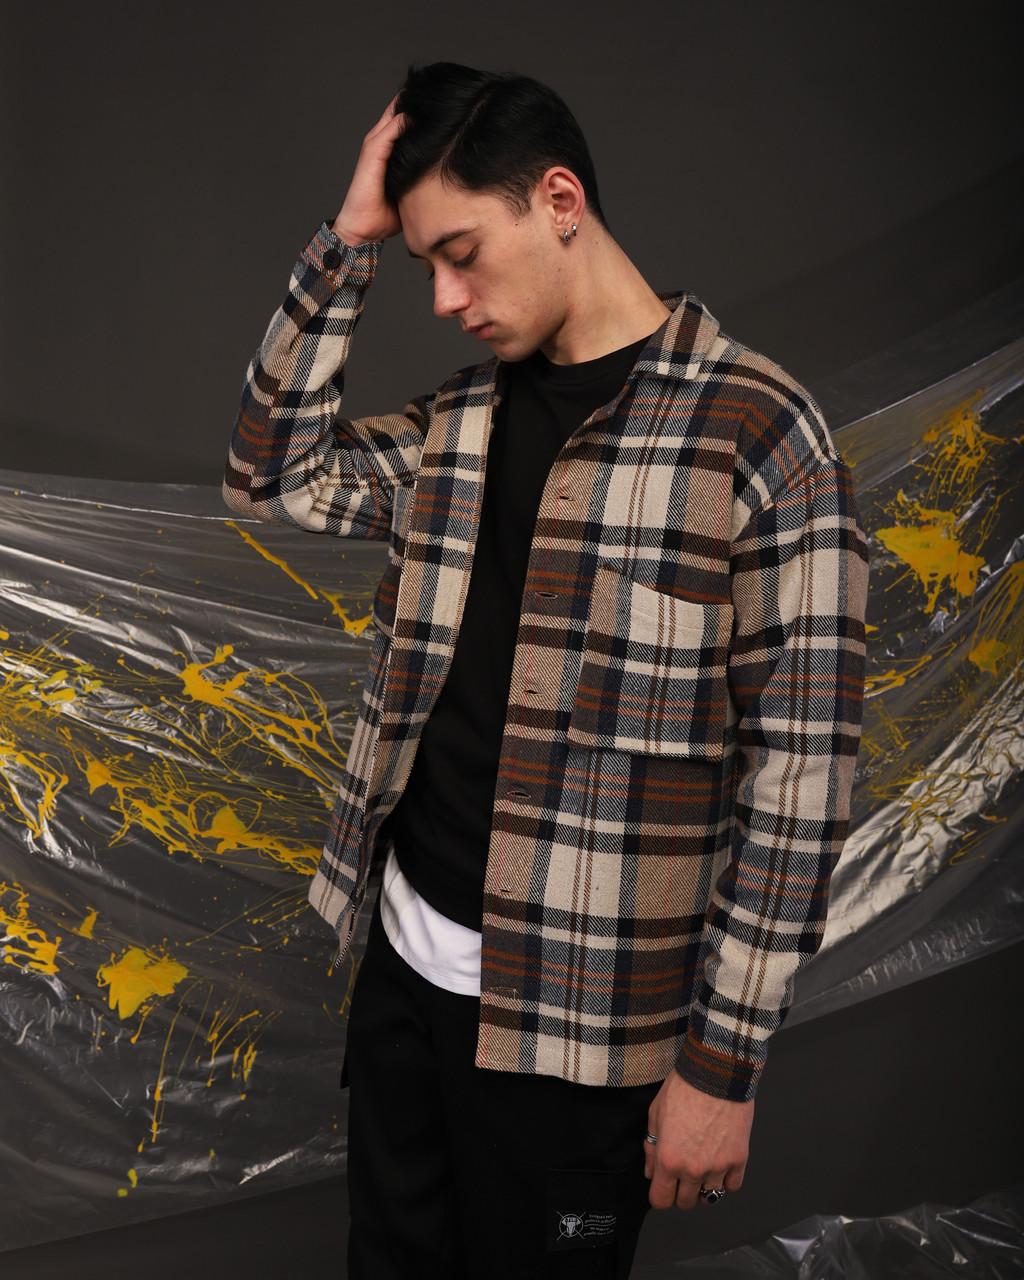 Куртка-рубашка мужская в клетку коричневая с белым Фьюри (Fury) от бренда ТУР